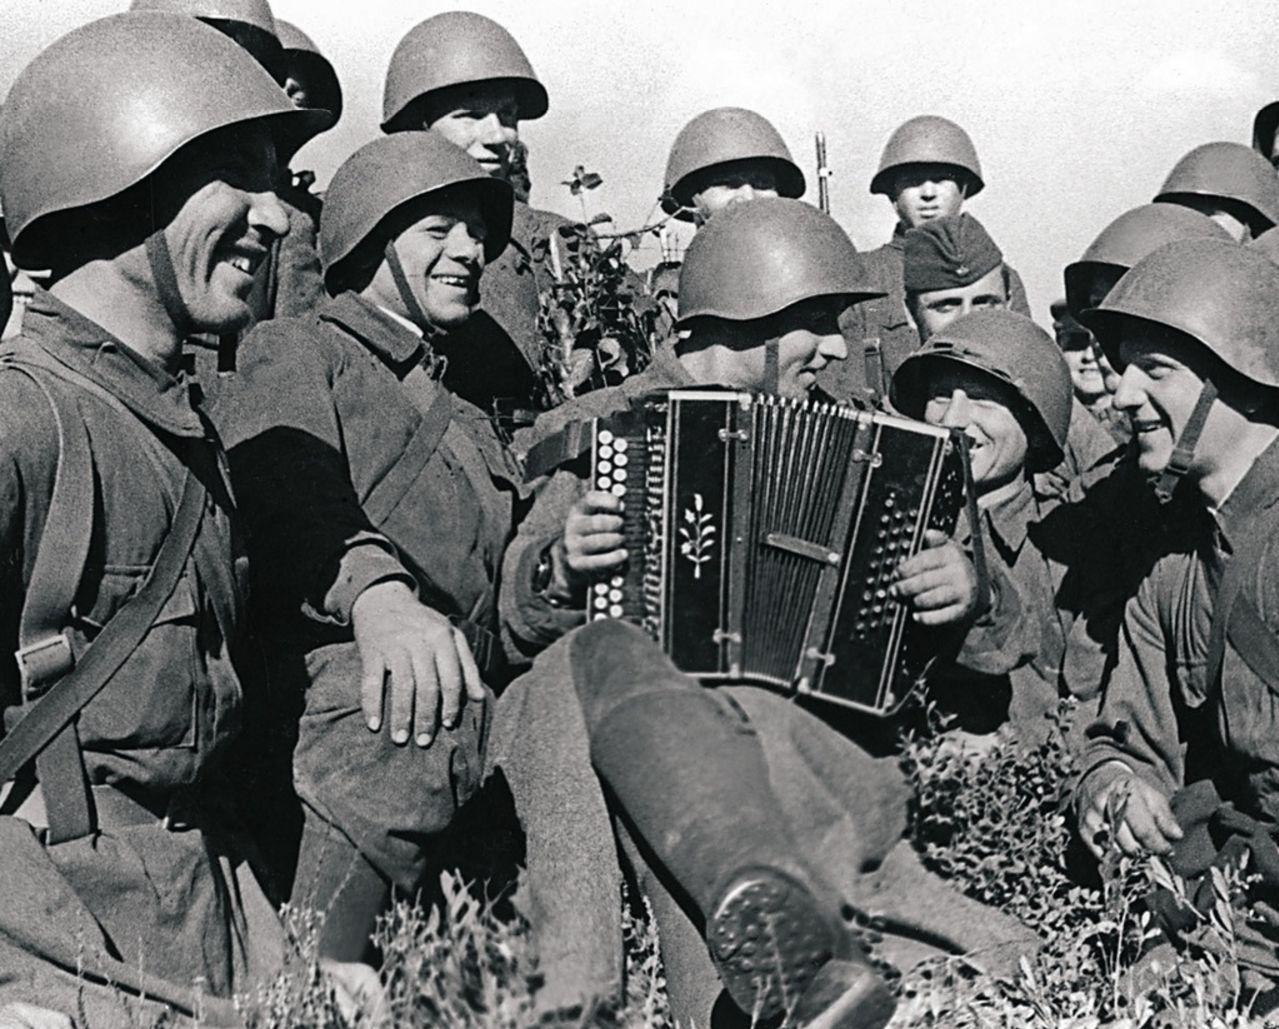 Действующая армия. В минуты отдыха бойцы слушают гармониста Пантахова